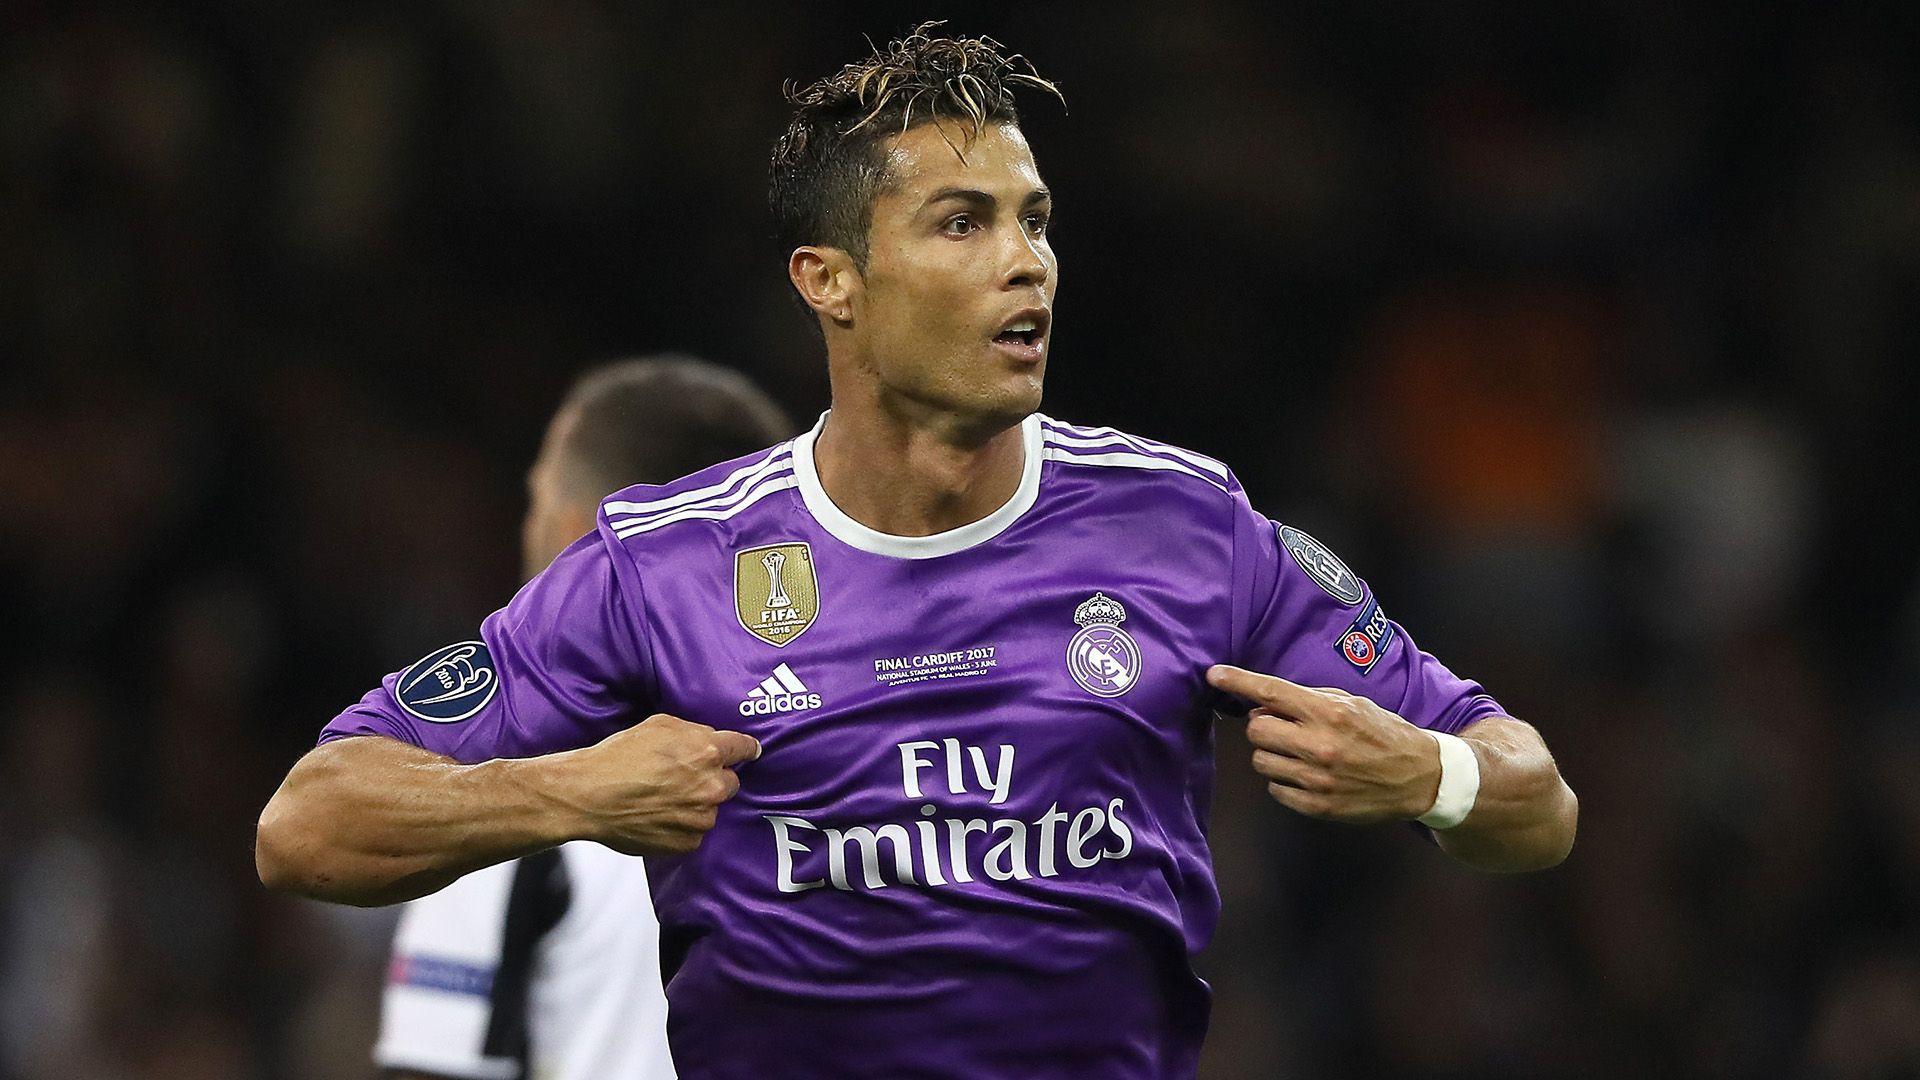 Hình ảnh: Ronaldo chắc chắn rất muốn thêm 1 danh hiệu cao quý nữa vào bộ sưu tập của mình